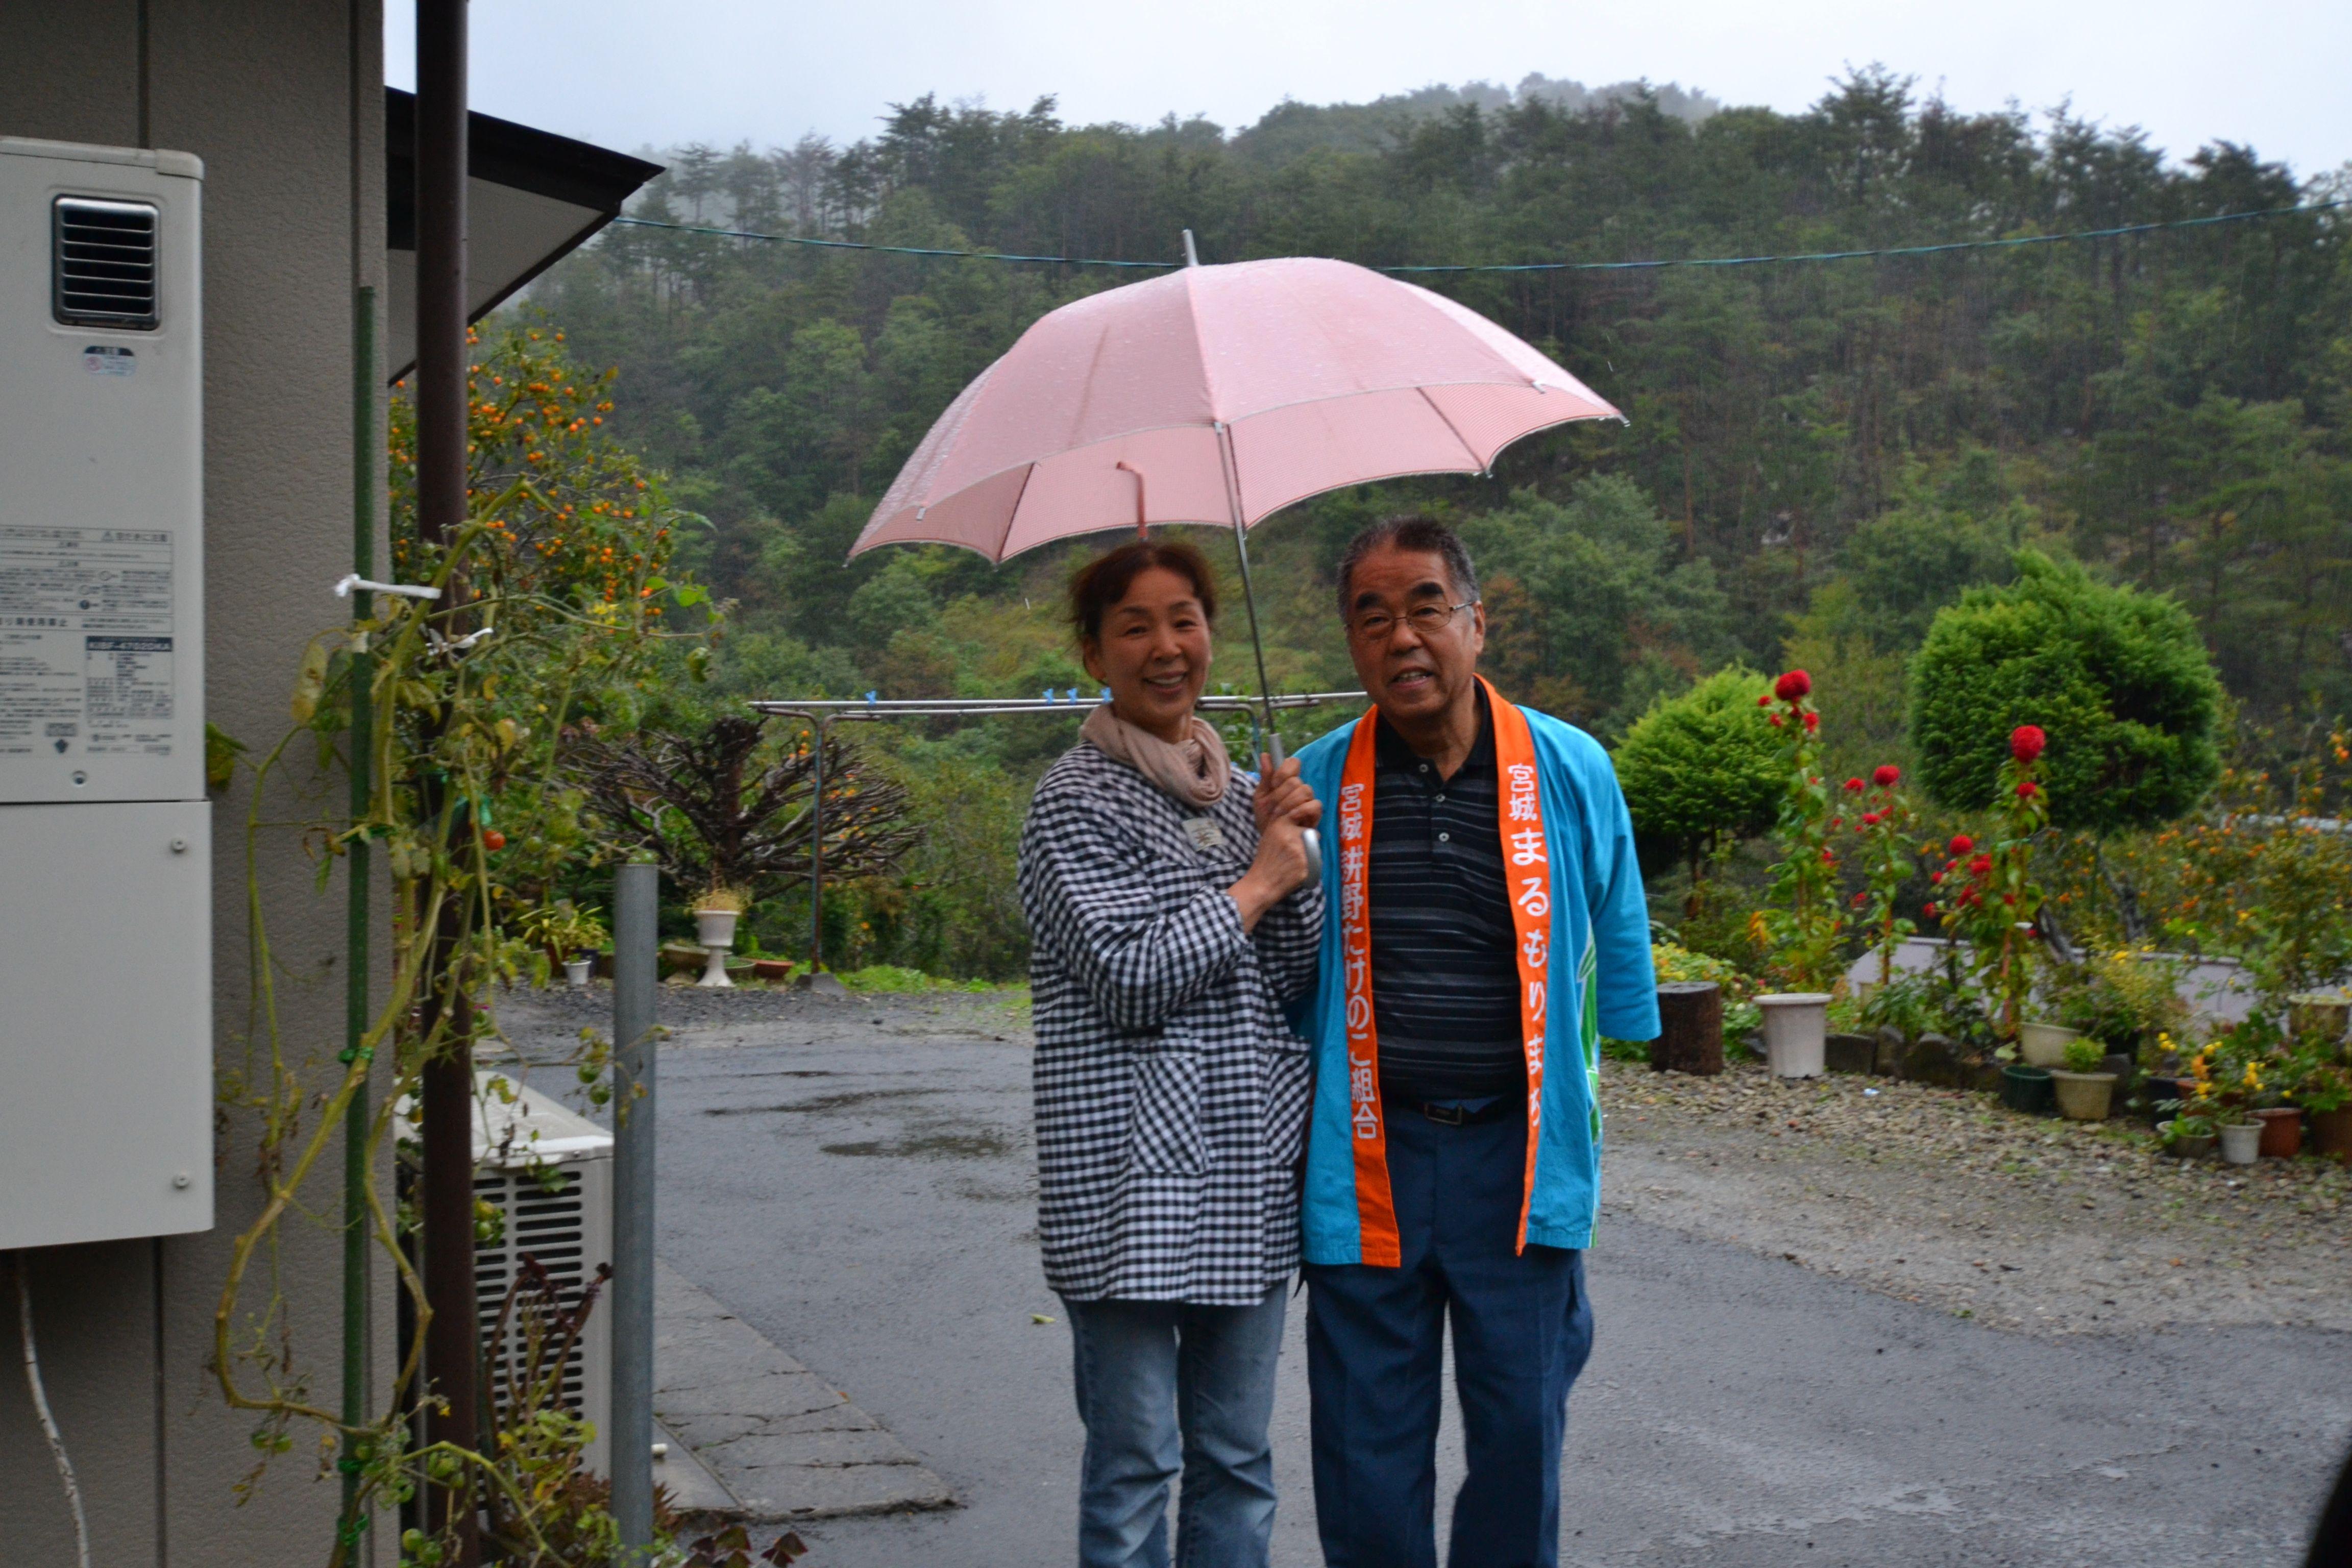 marumori bamboo farmer and wife pink umbrella good bye.jpg